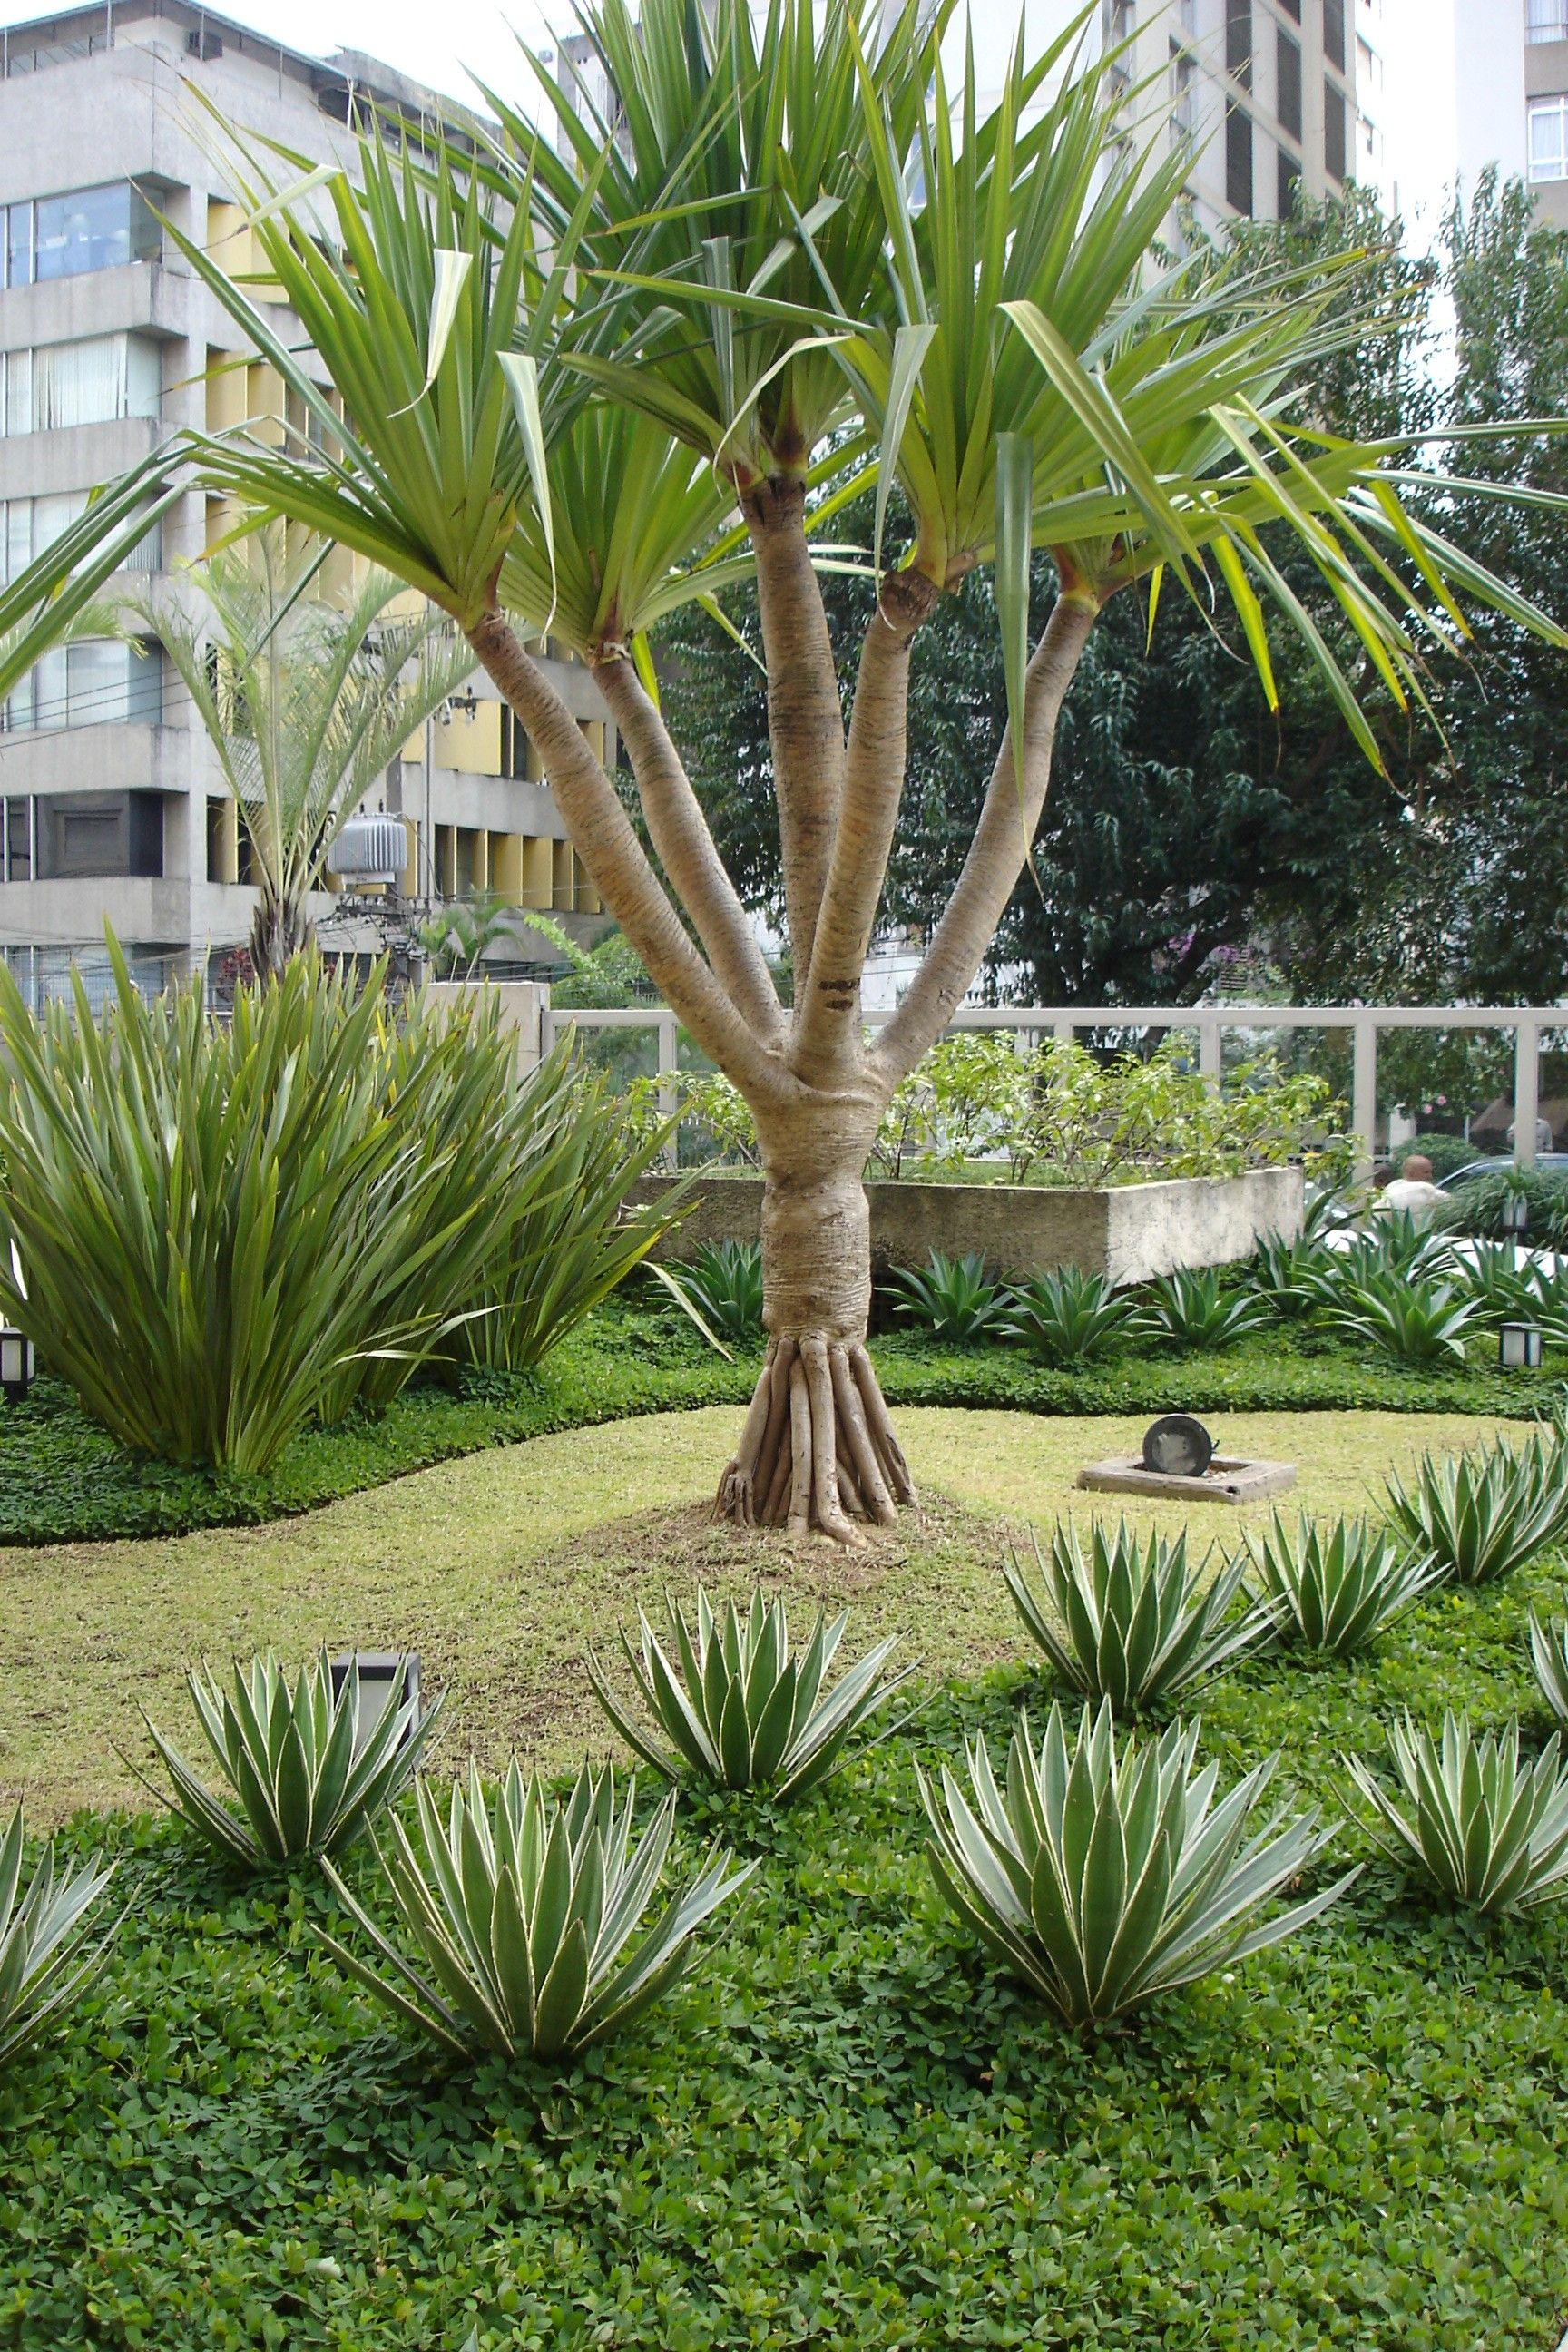 P ndanus para o jardim de entrada de um edif cio comercial for Jardins tropicaux contemporains